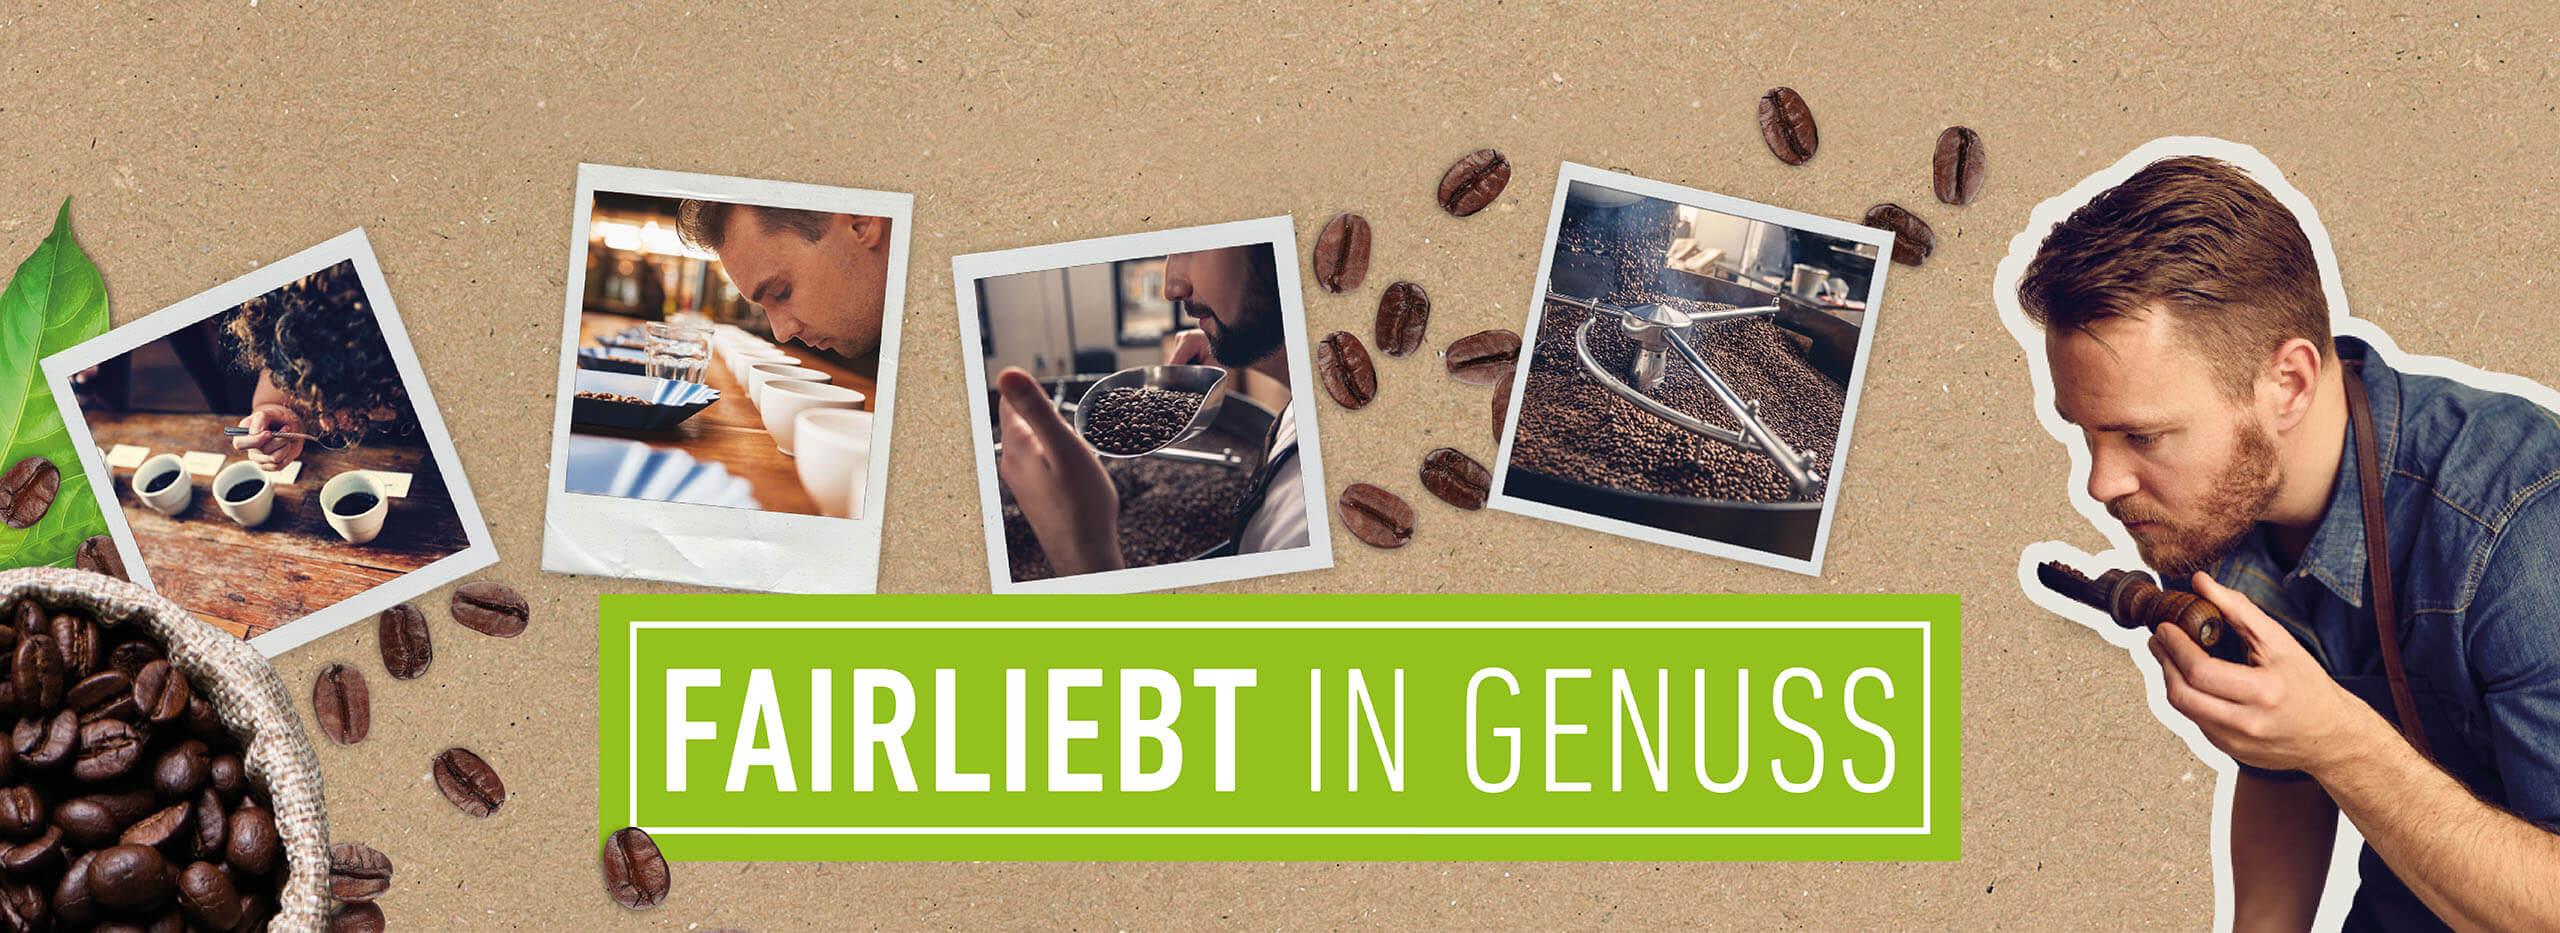 Bilder einer Kaffeeröstung; ein junger Mann riecht an frisch gemahlenen Kaffeebohnen